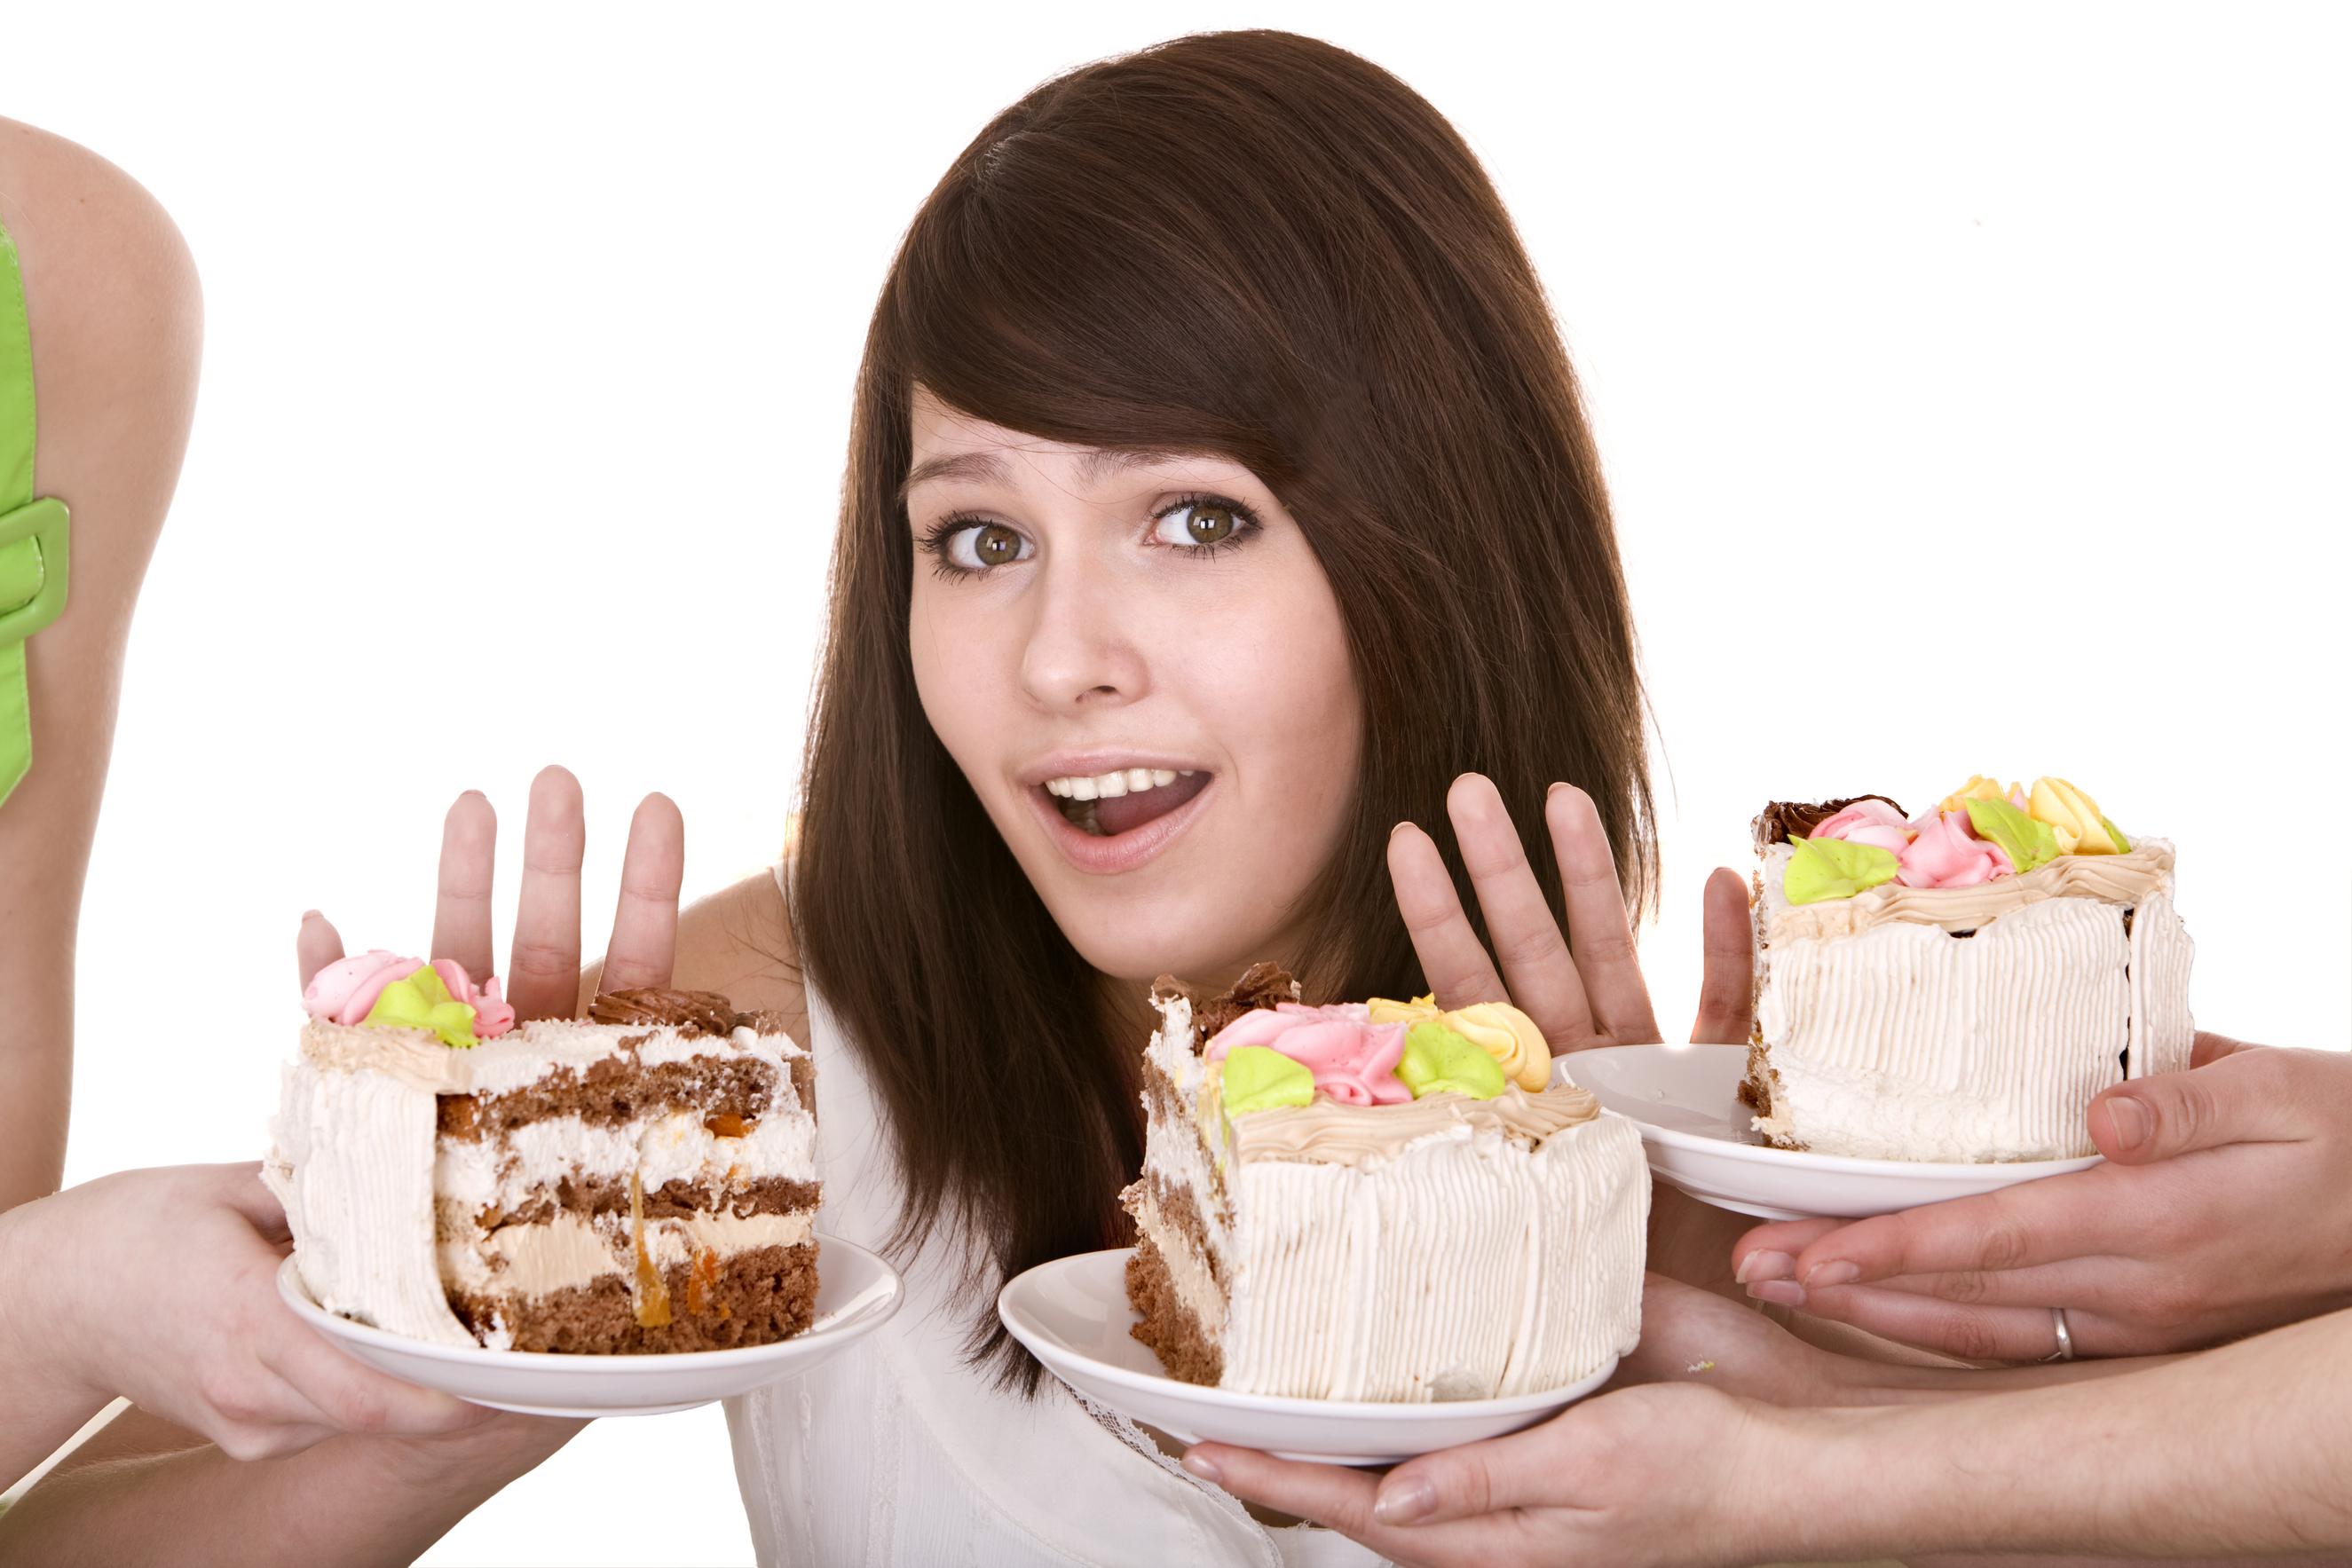 Как перестать есть сахар: очень простая инструкция, после прочтения которой вы легко это сделаете